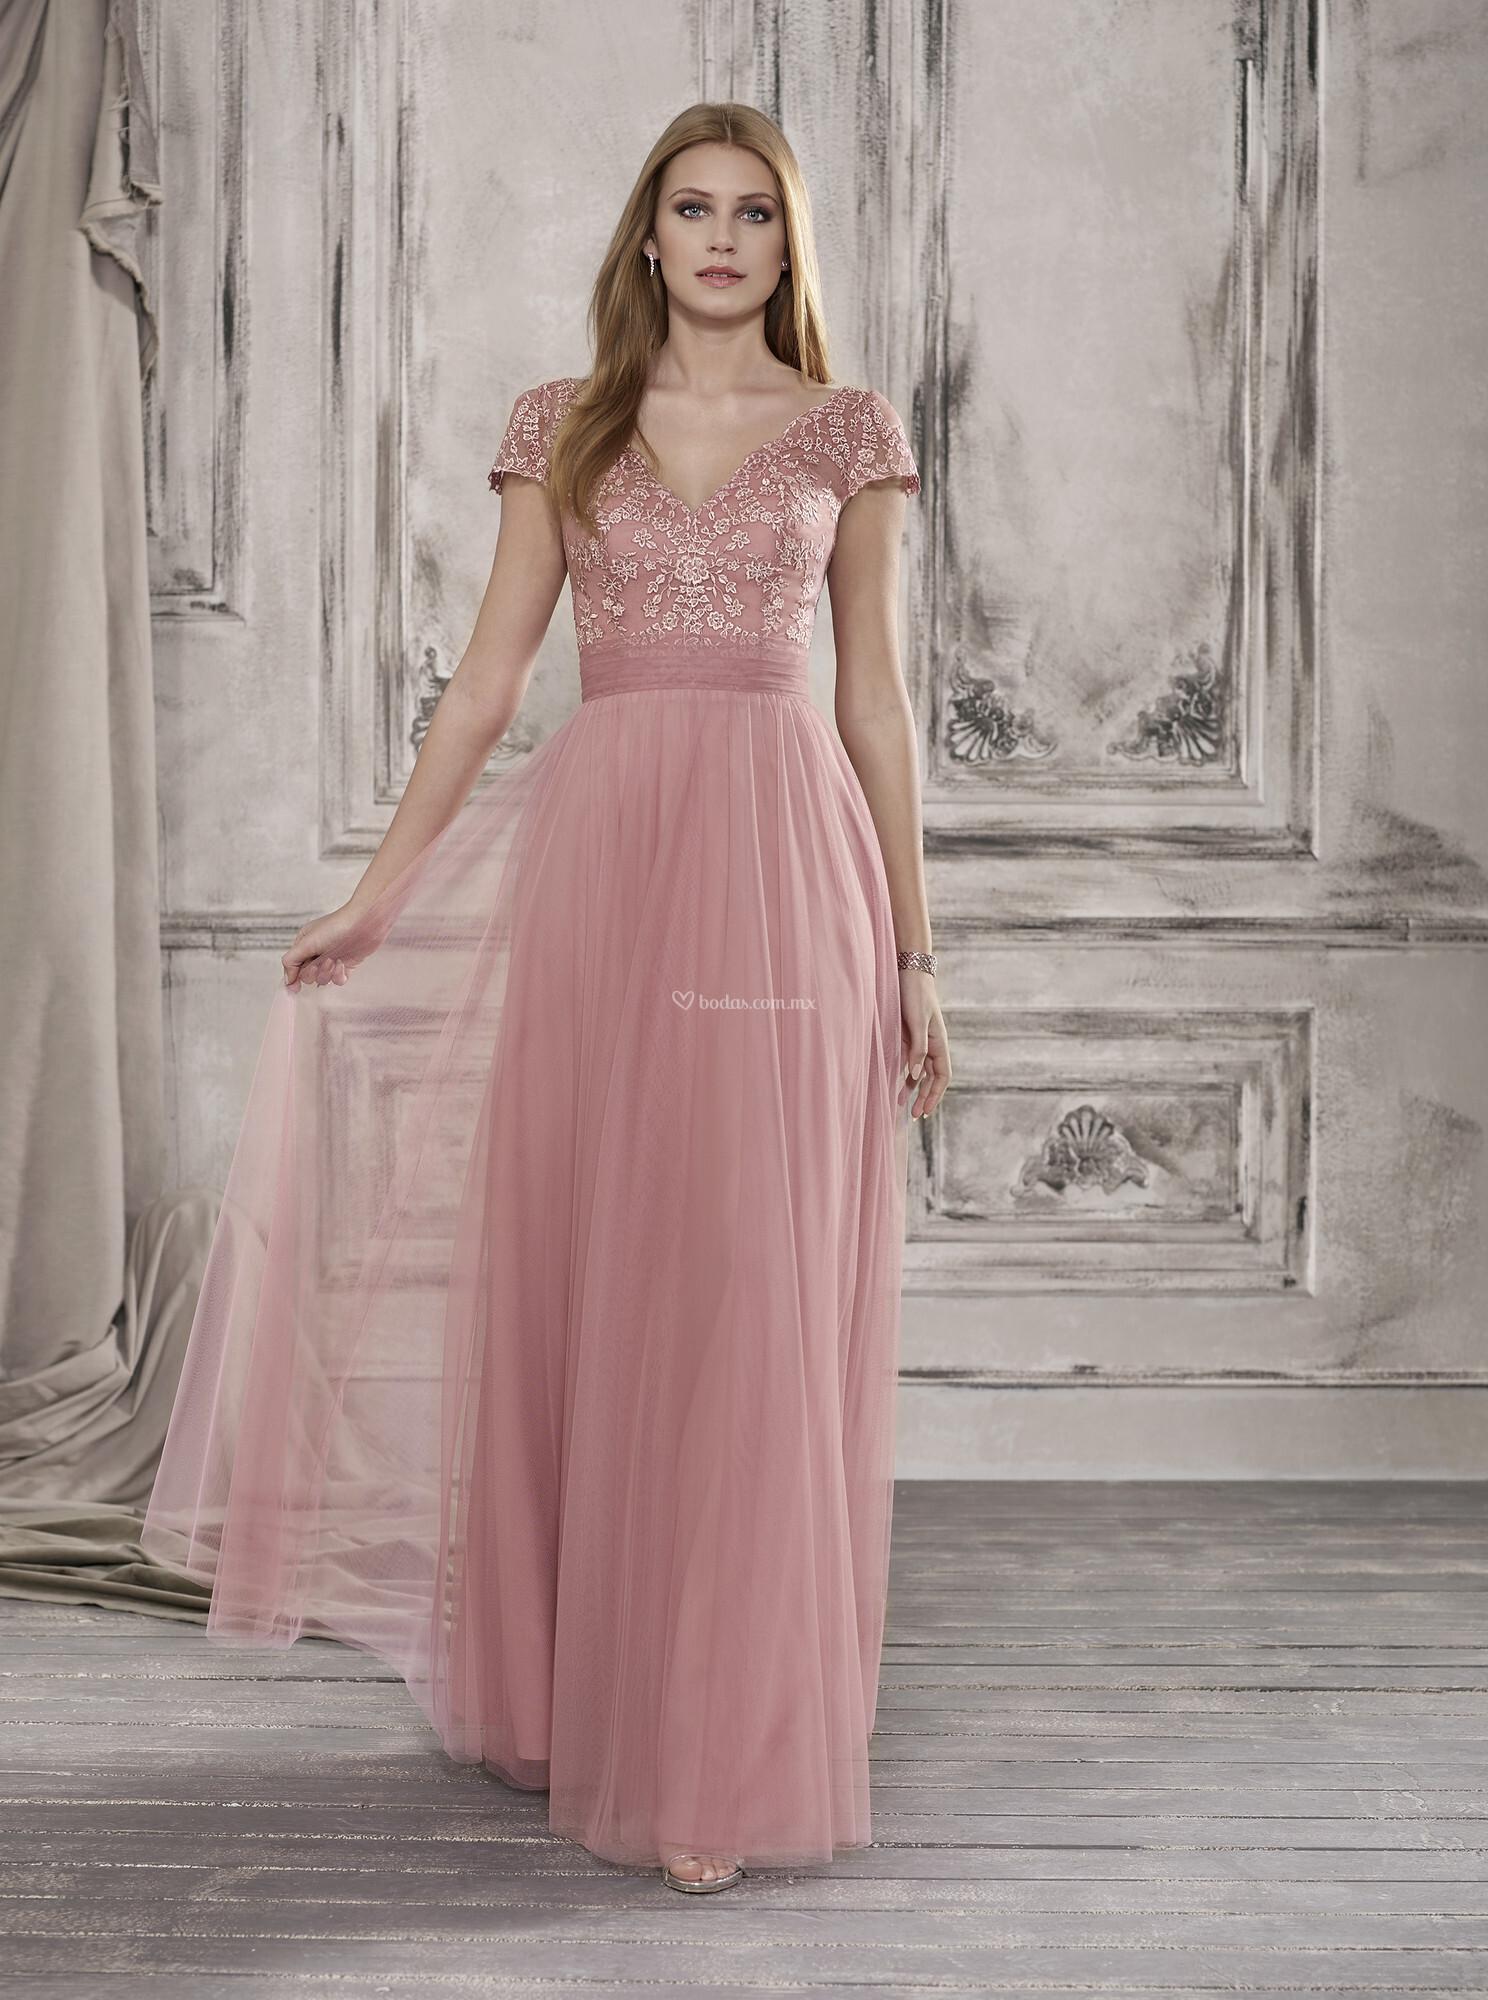 Vestidos de fiesta para una boda 2018